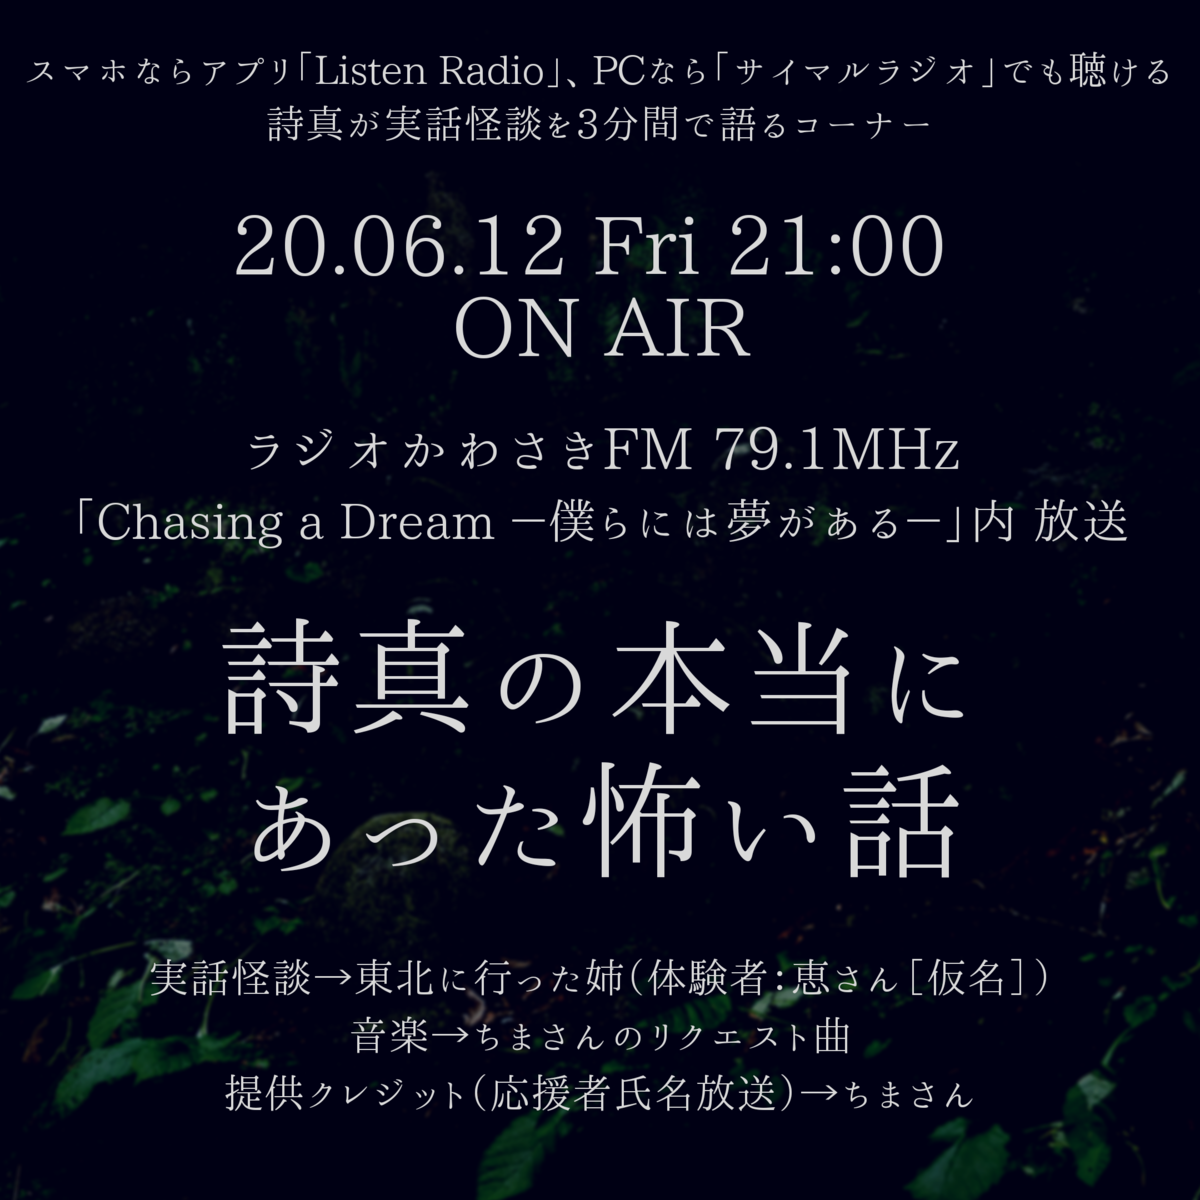 f:id:yukaitekietsu:20200611235525p:plain